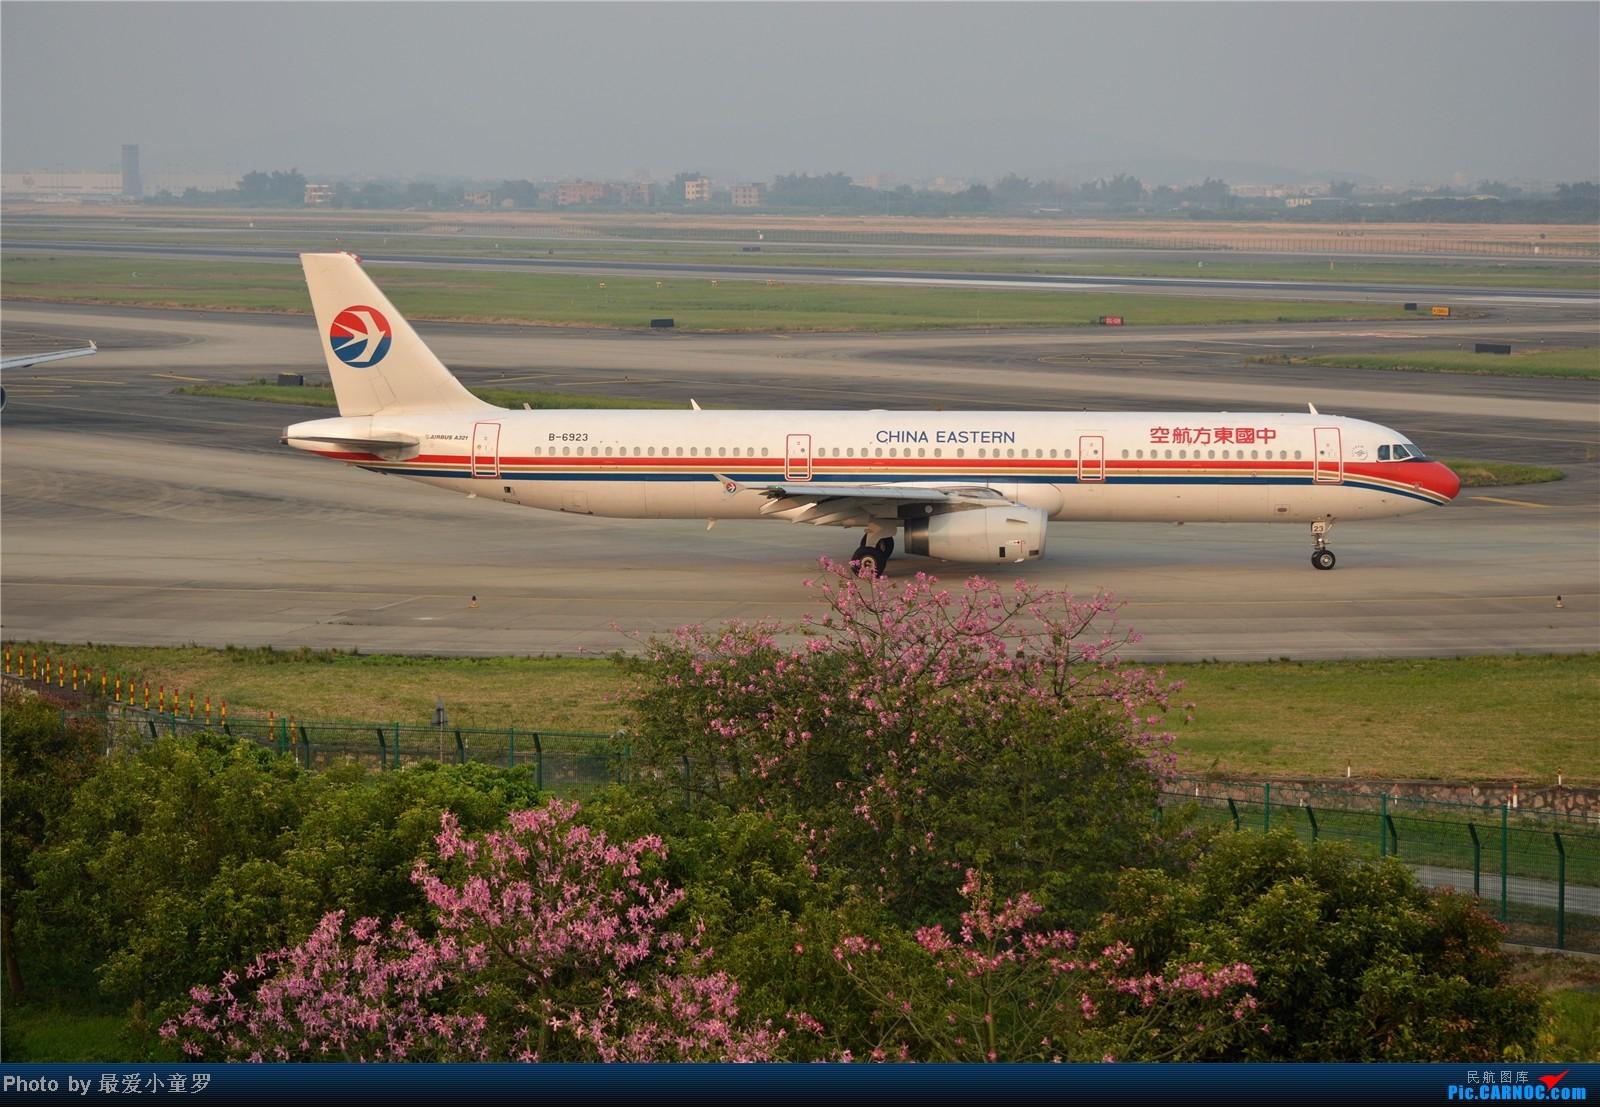 Re:[原创]炒冷饭系列2013年10月4日CAN拍机,带消防塔角度 AIRBUS A321-200 B-6923 中国广州白云机场